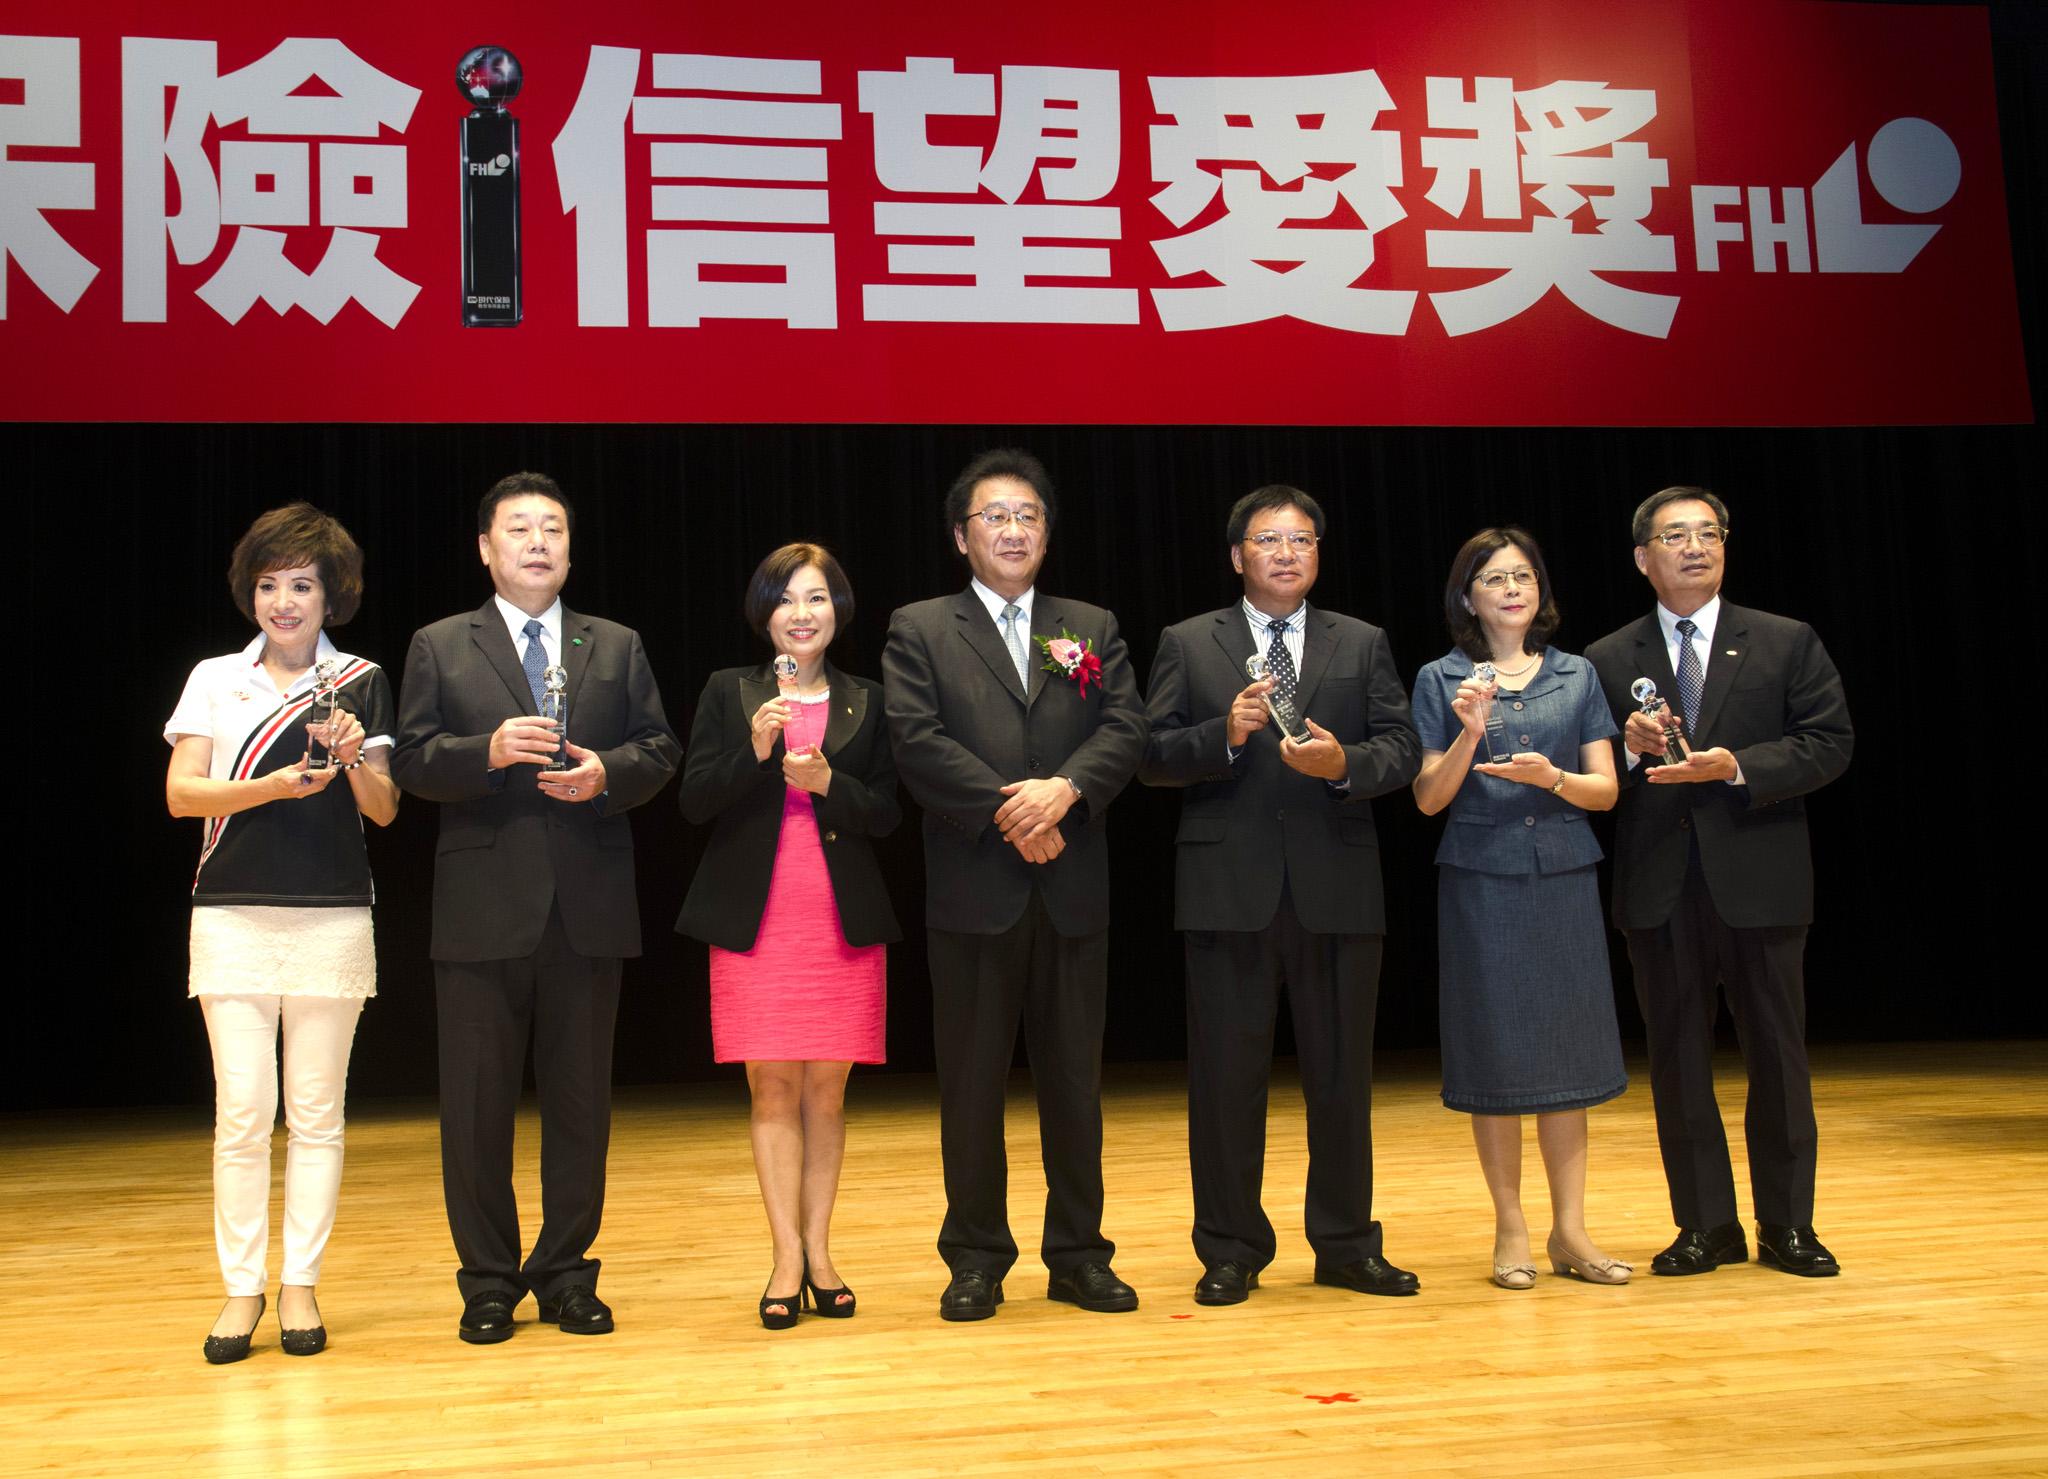 韓孫珍華副總以組織育成、專業經歷與社會公益之貢獻,榮獲「最佳保險成就獎」之優選肯定。